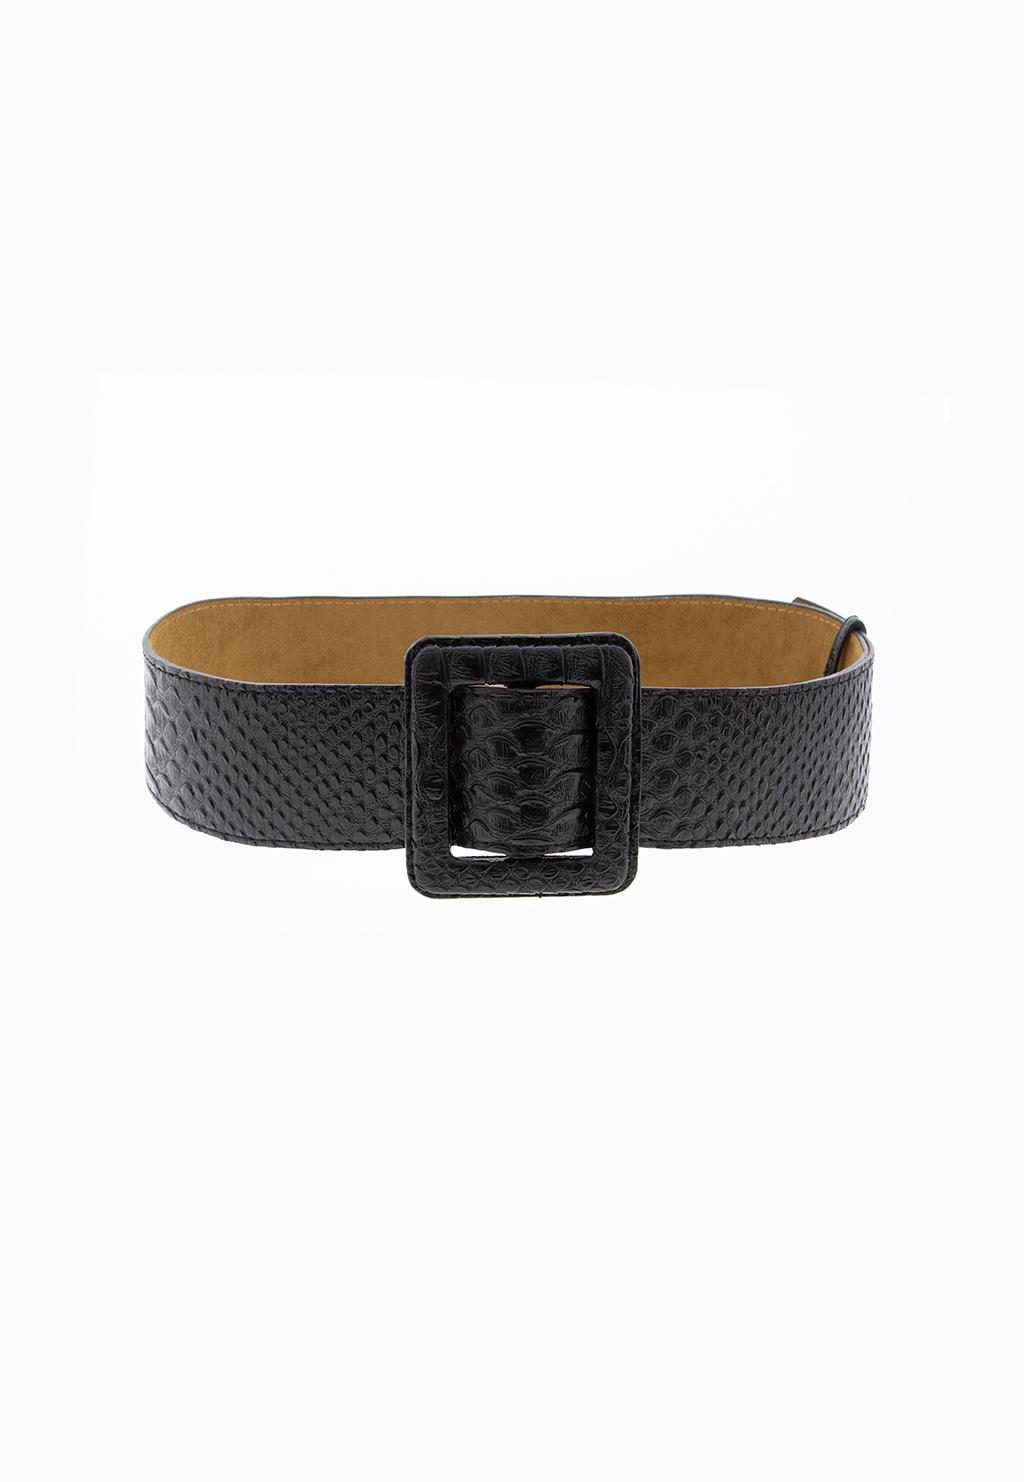 Cinturones | Zapatos